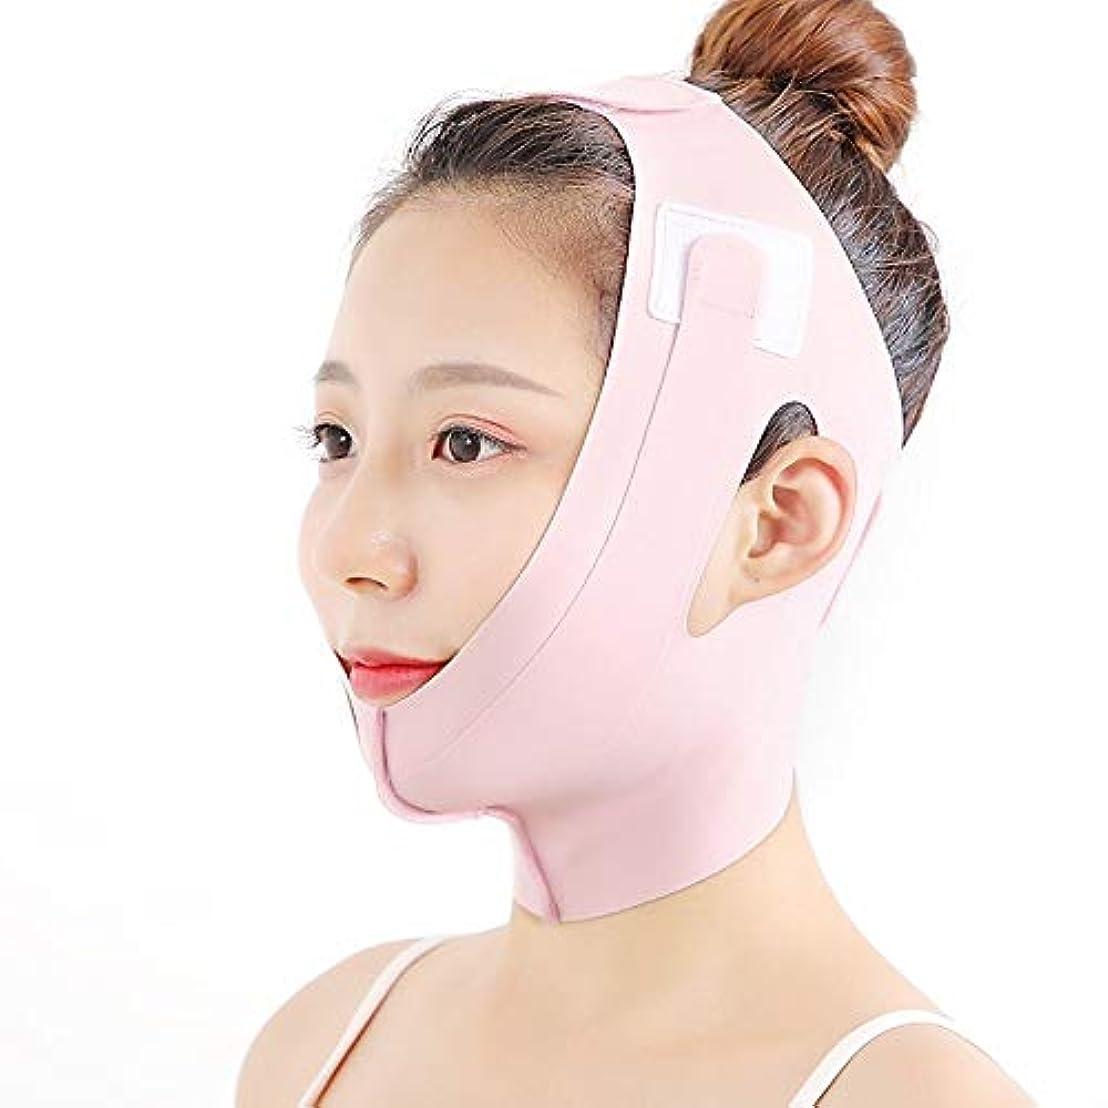 振りかける無法者敏感なHEMFV フェイススリミングベルト、フェイススリミングスリムリフトスキン包帯二重あごスリミングベルトを締め、コンパクト顔の皮膚のためのマスク